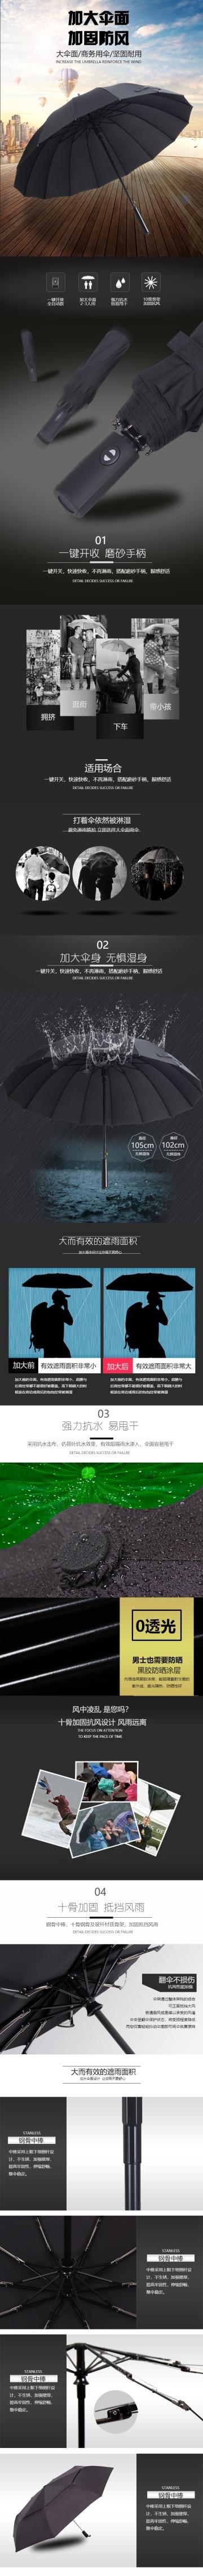 简约大气百货零售家居生活加大雨伞促销电商详情页